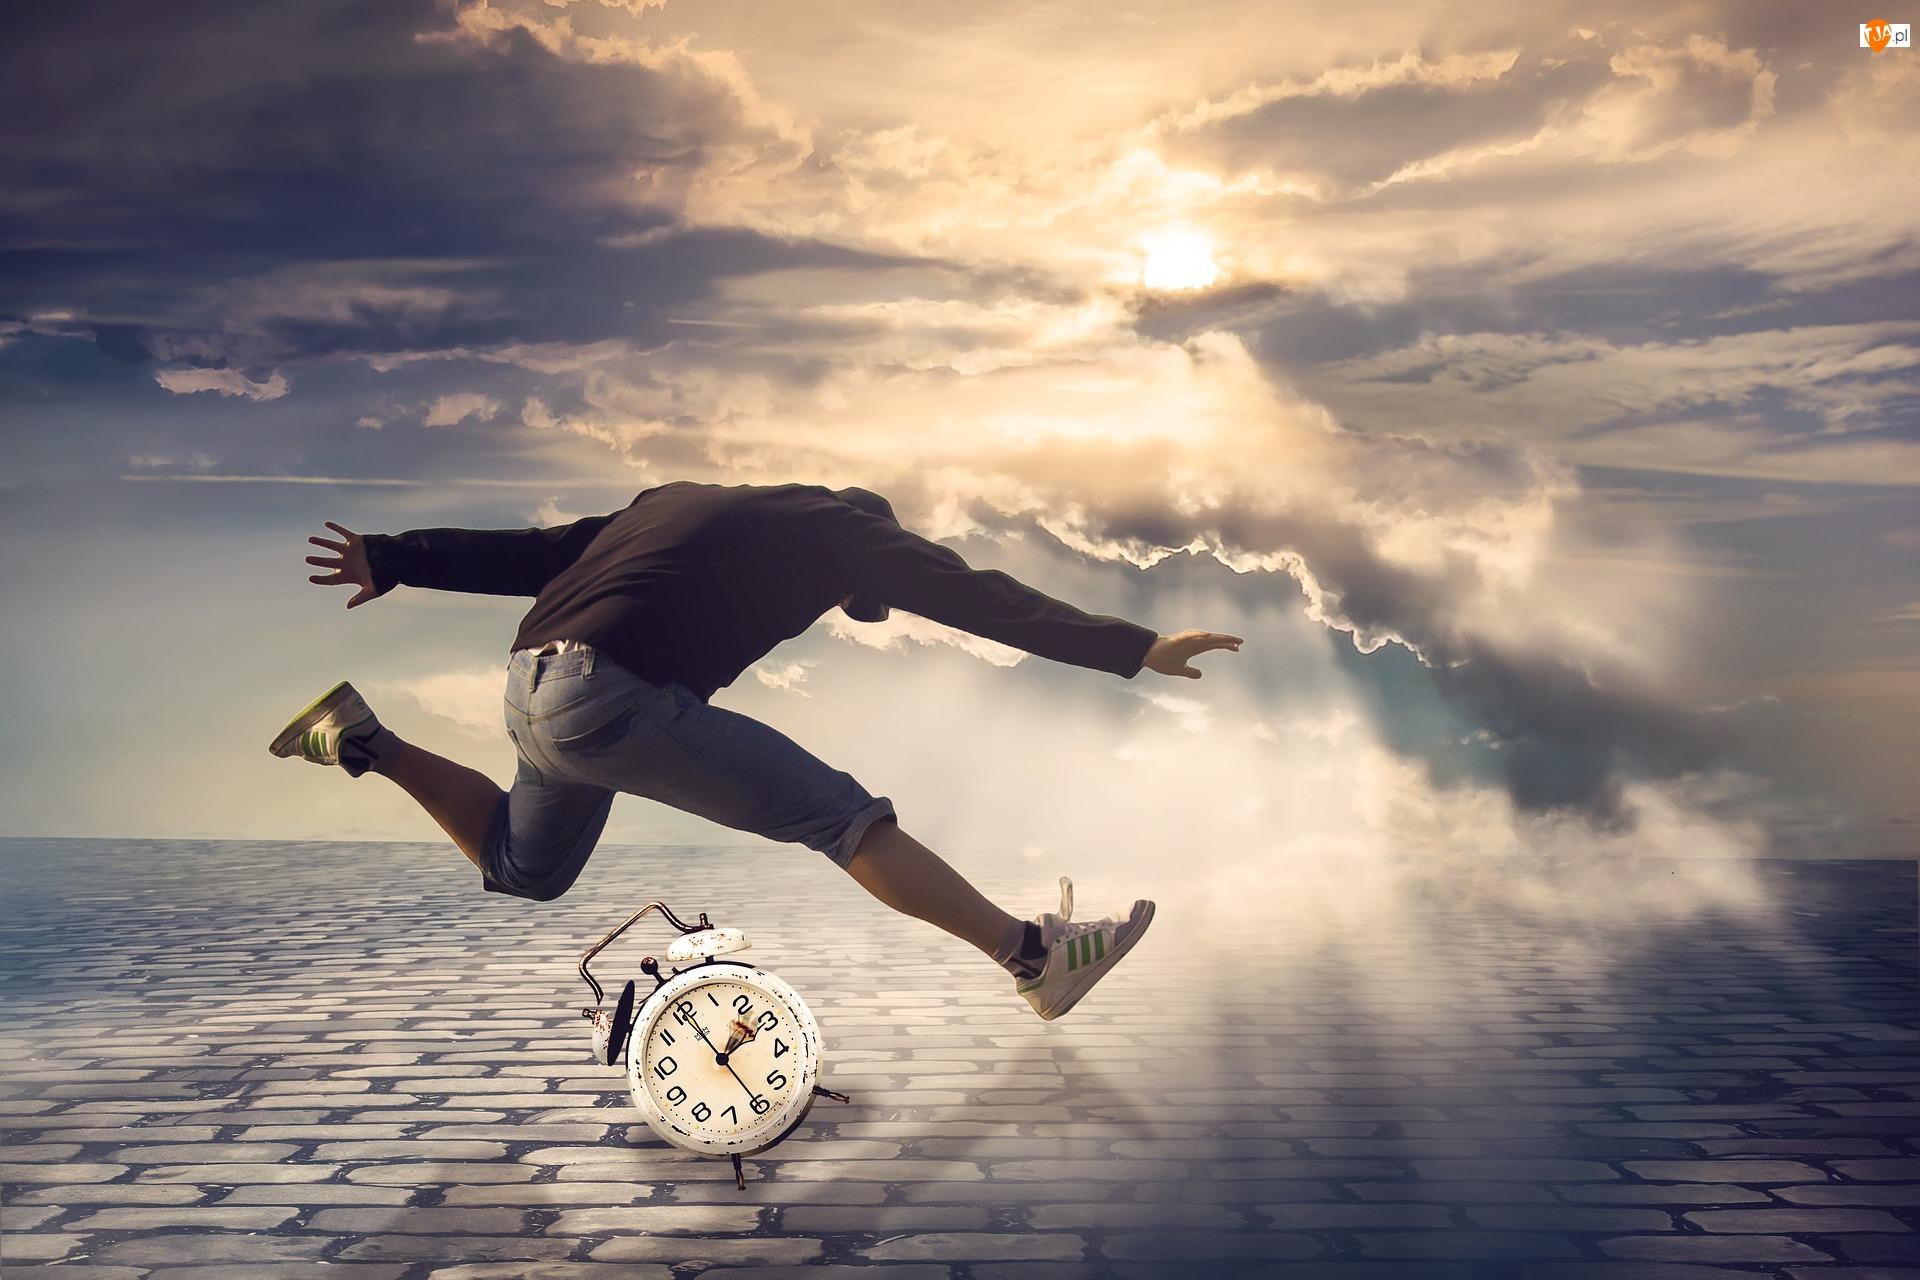 Czas, Chmury, Skok, Mężczyzna, Bruk, Przebijające światło, Budzik